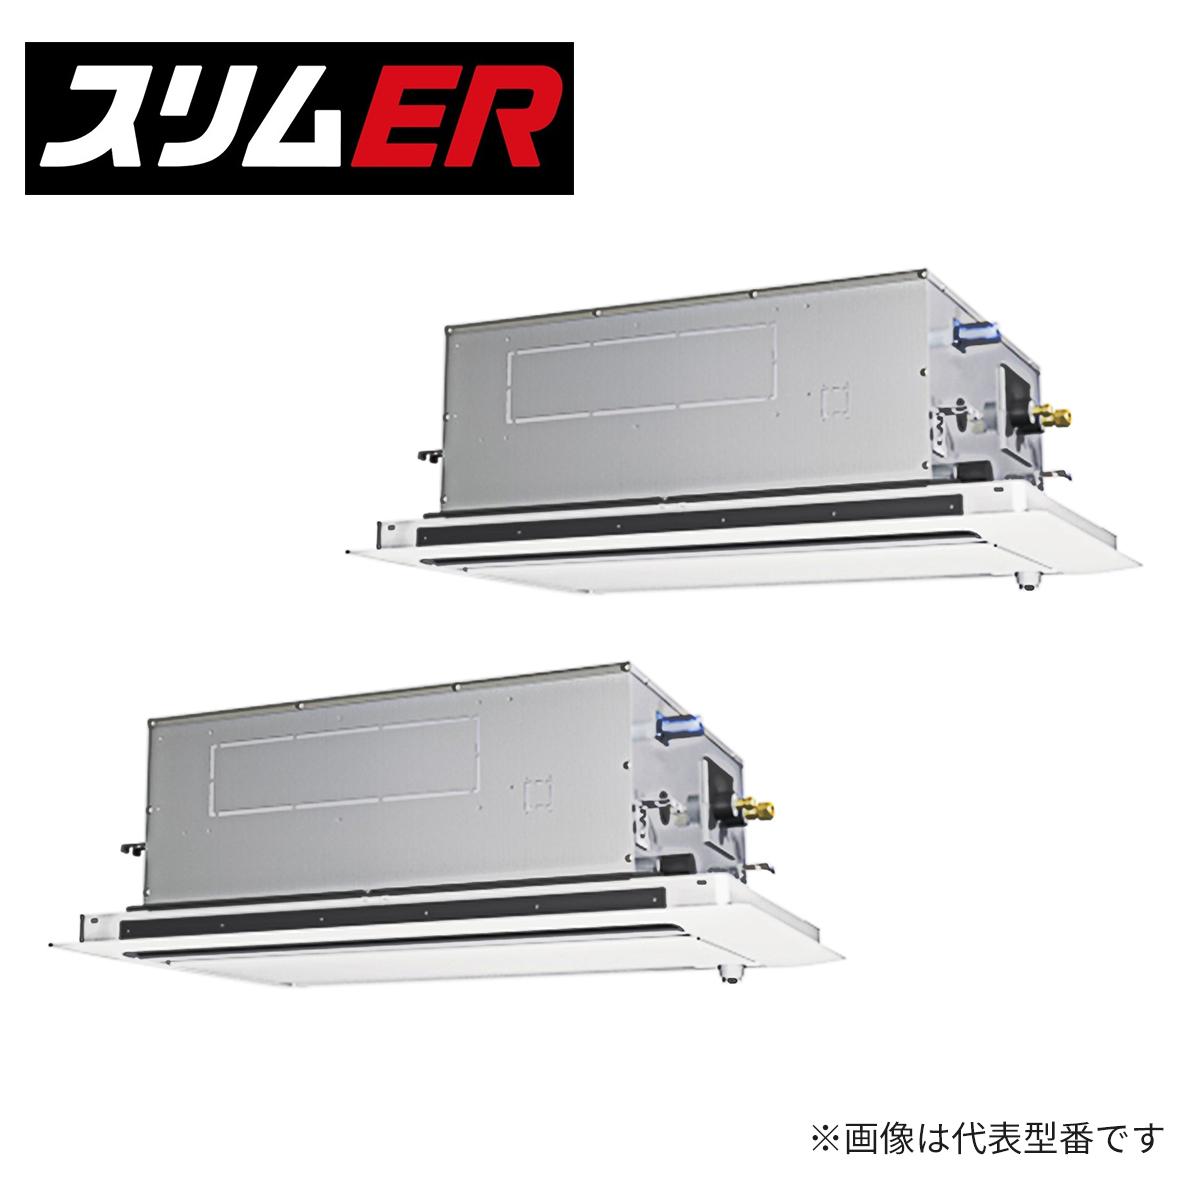 ###三菱 業務用エアコン【PLZX-ERMP140LR】スリムER 2方向天井カセット形 同時ツイン 三相200V 5馬力